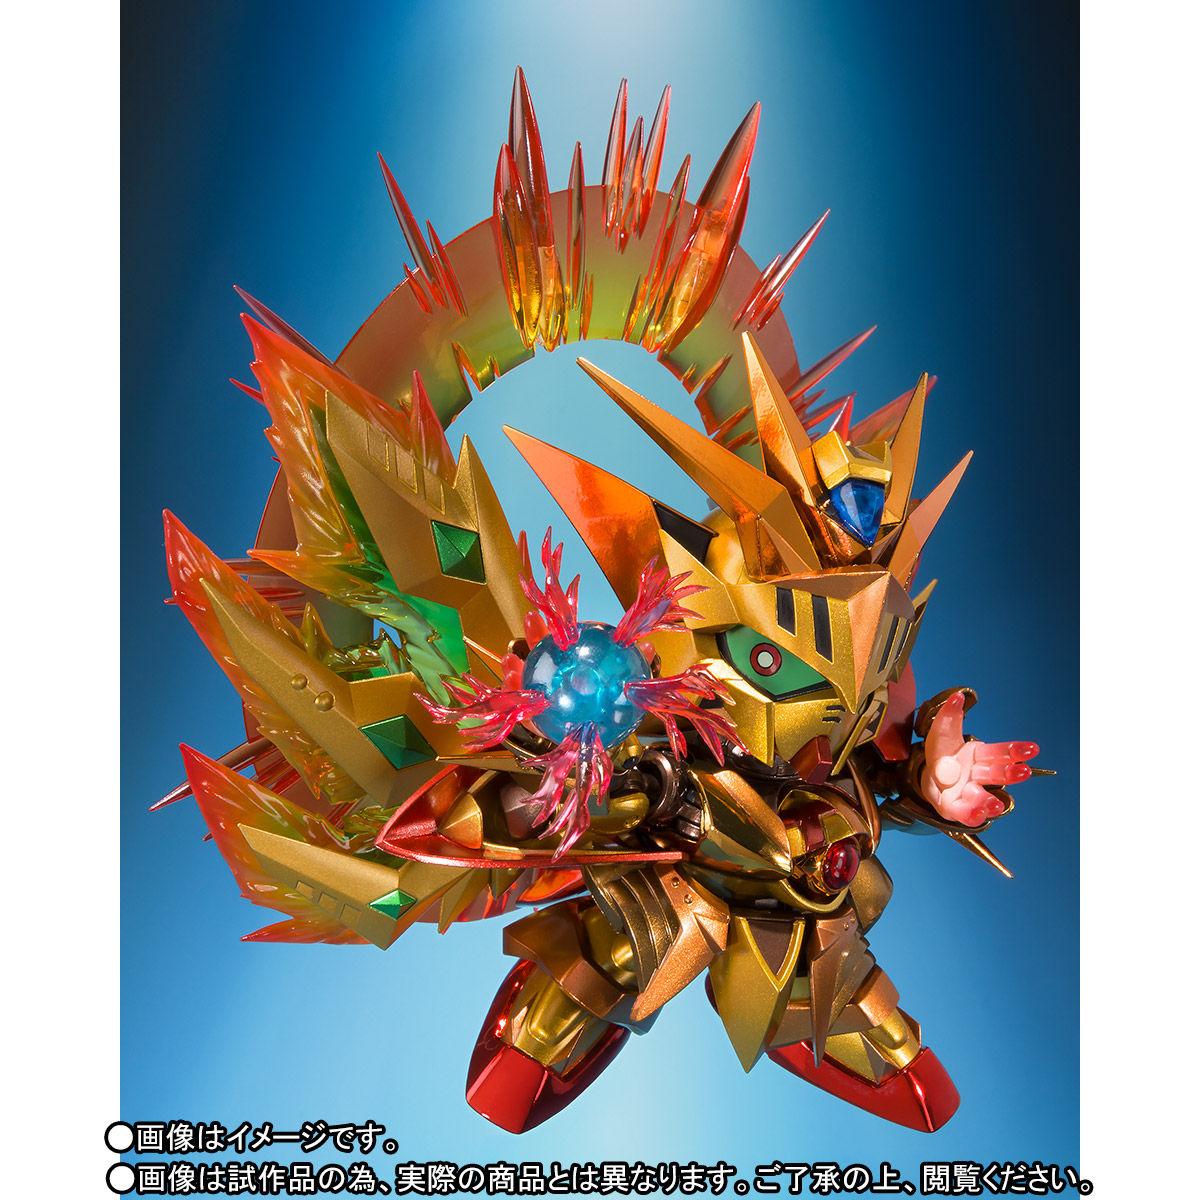 SDX『太陽騎士ゴッドガンダム 明鏡止水ゴールドバージョン』新SDガンダム外伝 可動フィギュア-010